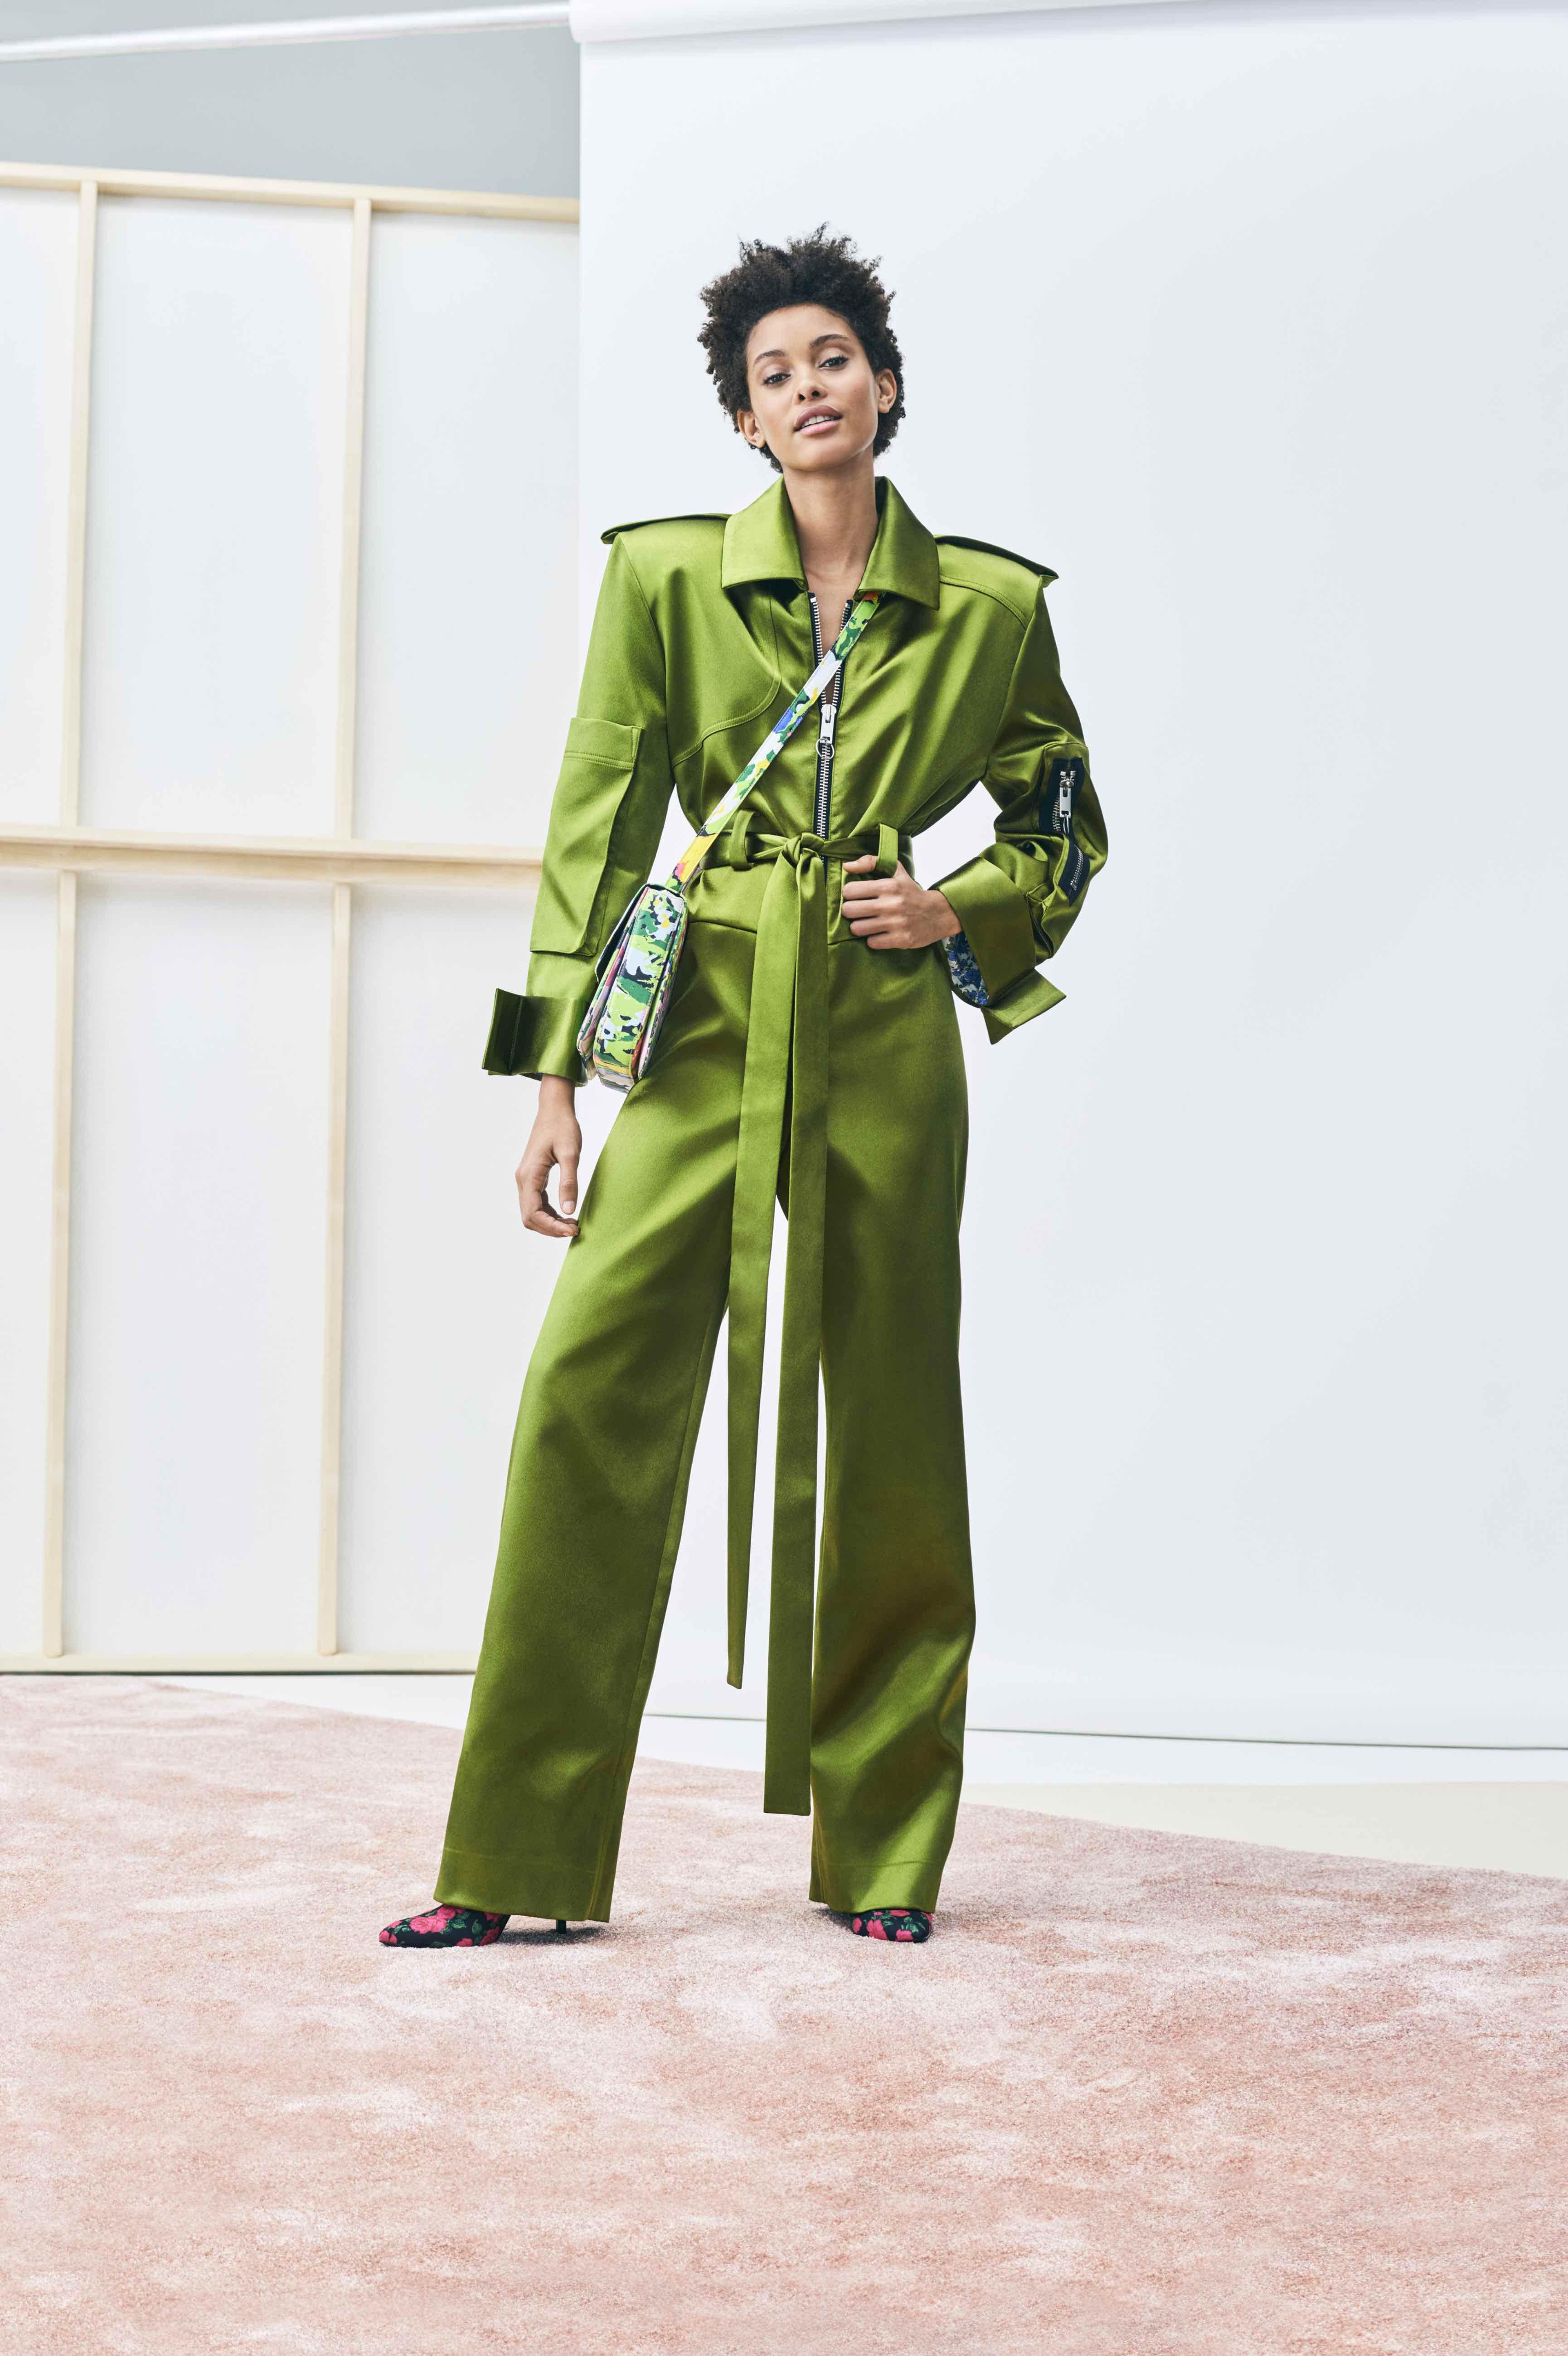 ANN-SOFIE JOHANSSON ON THE 2017 H&M DESIGN AWARD – INDIE